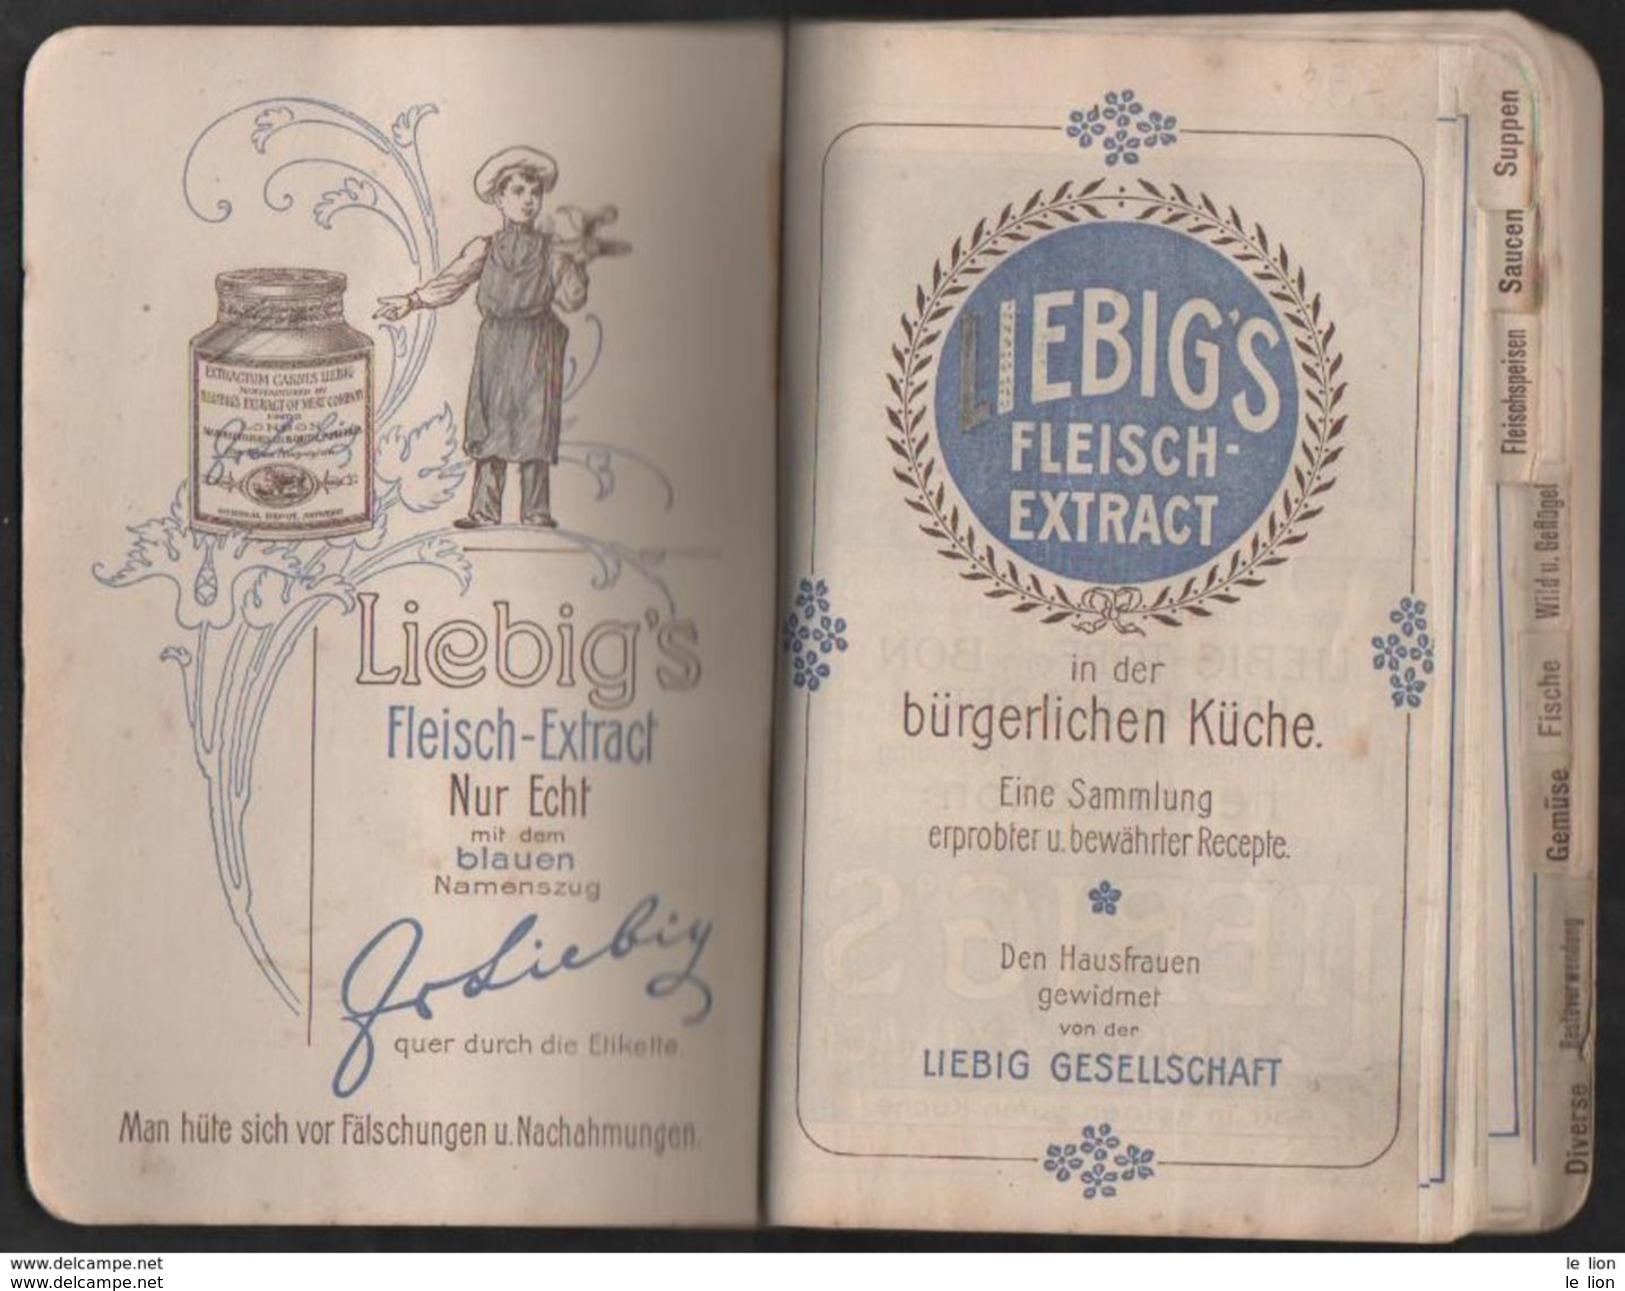 RARO LIEBIG'S Fleisch-Extract In Der Burgerlichen Kuche 1903 - 68 Pagine Mis.11x16,8 PERFETTO - Calendari